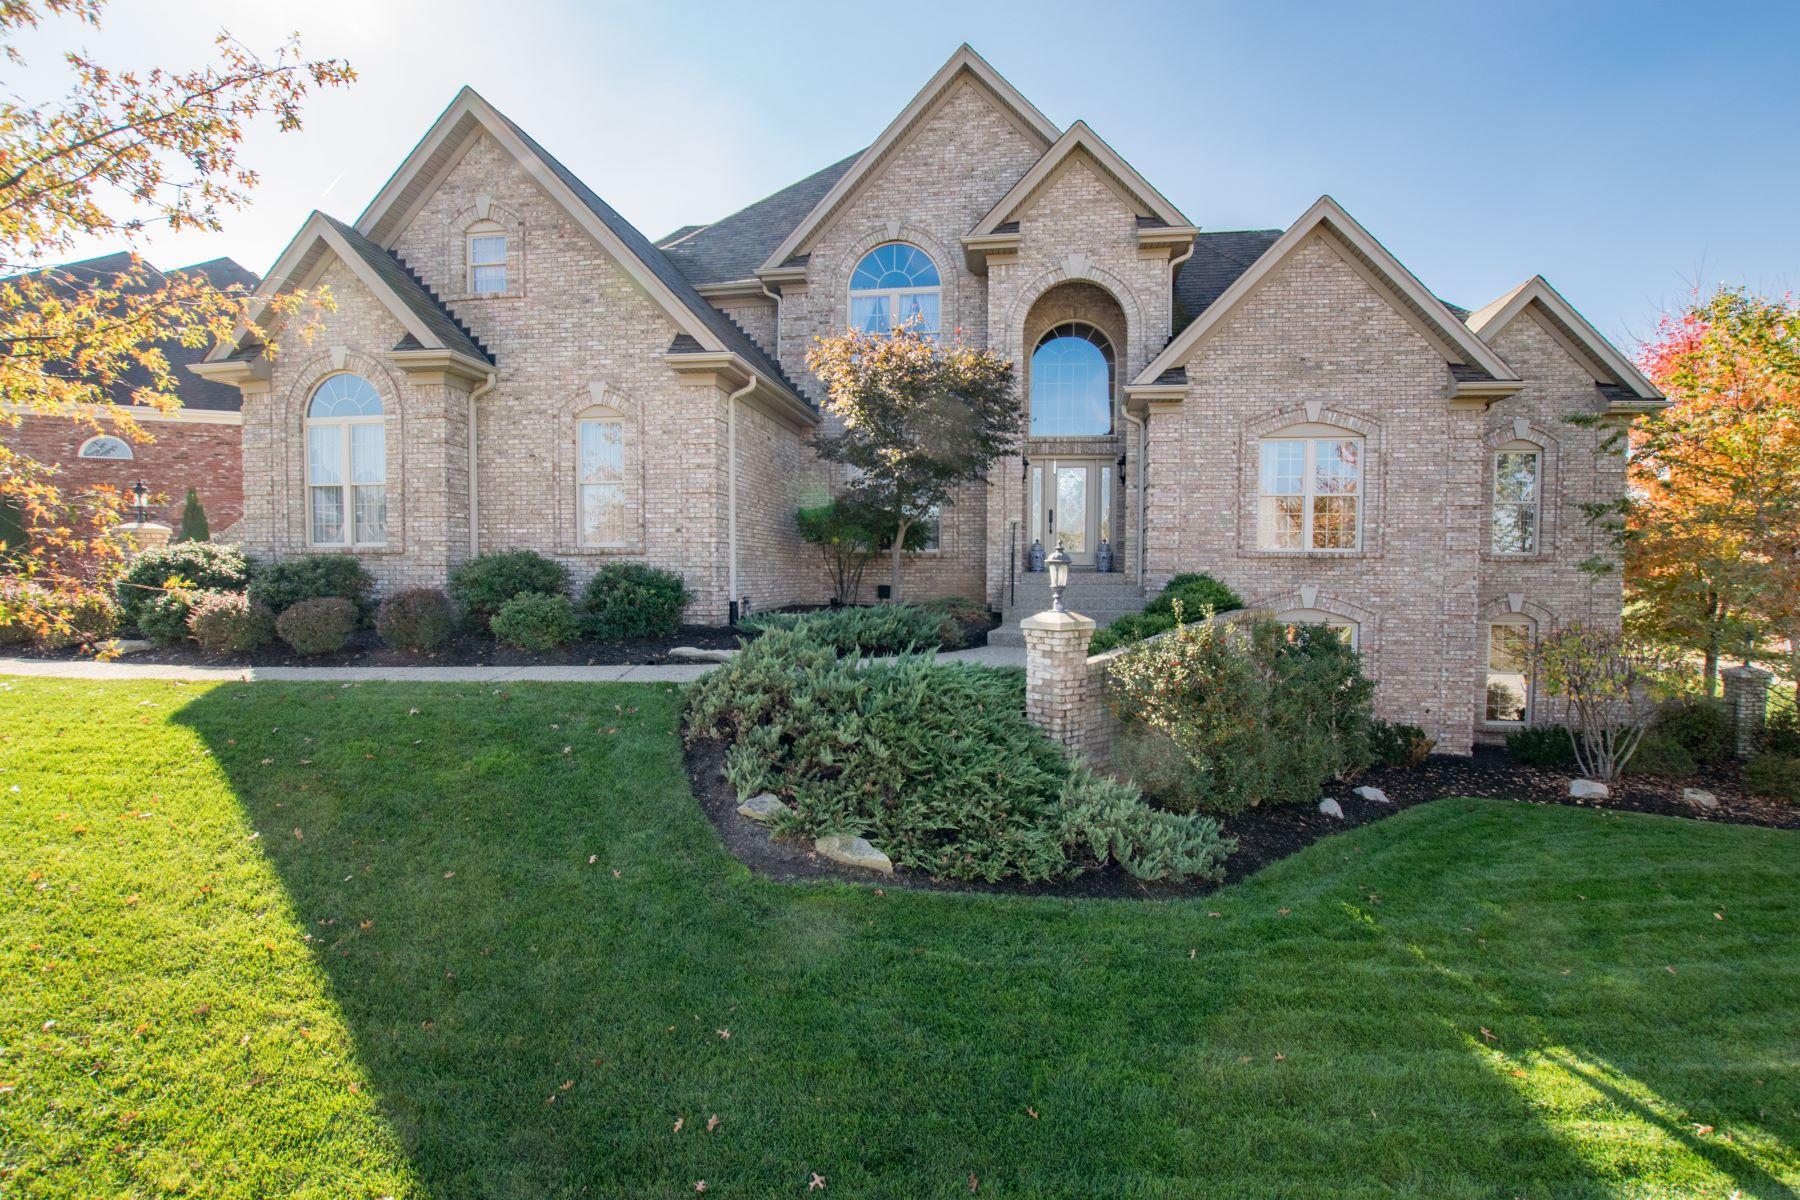 Maison unifamiliale pour l Vente à 13304 Ridgemoor Dr 13304 Ridgemoor Drive Prospect, Kentucky, 40059 États-Unis